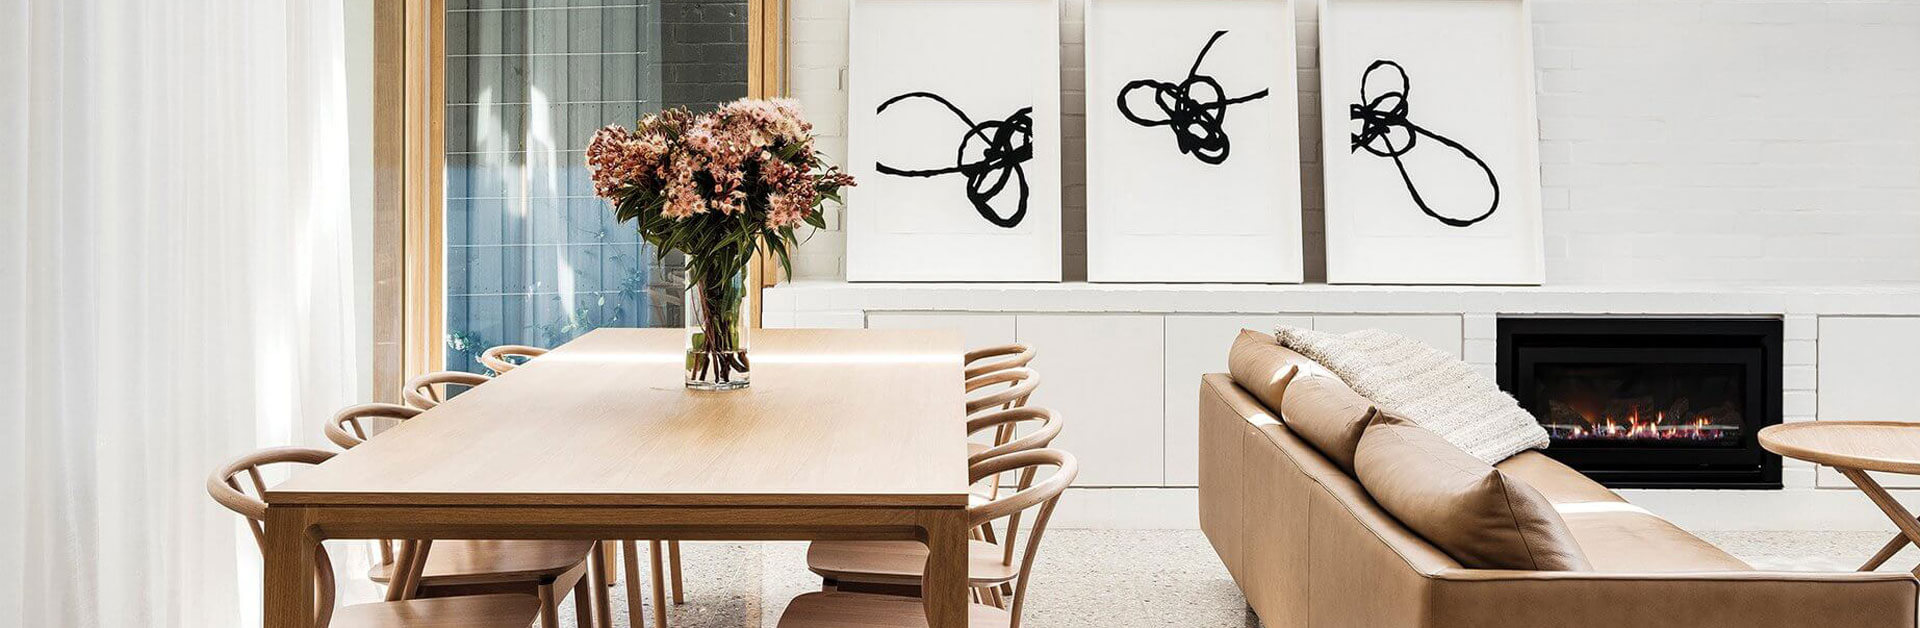 Inbuilt wood heater in modern living room